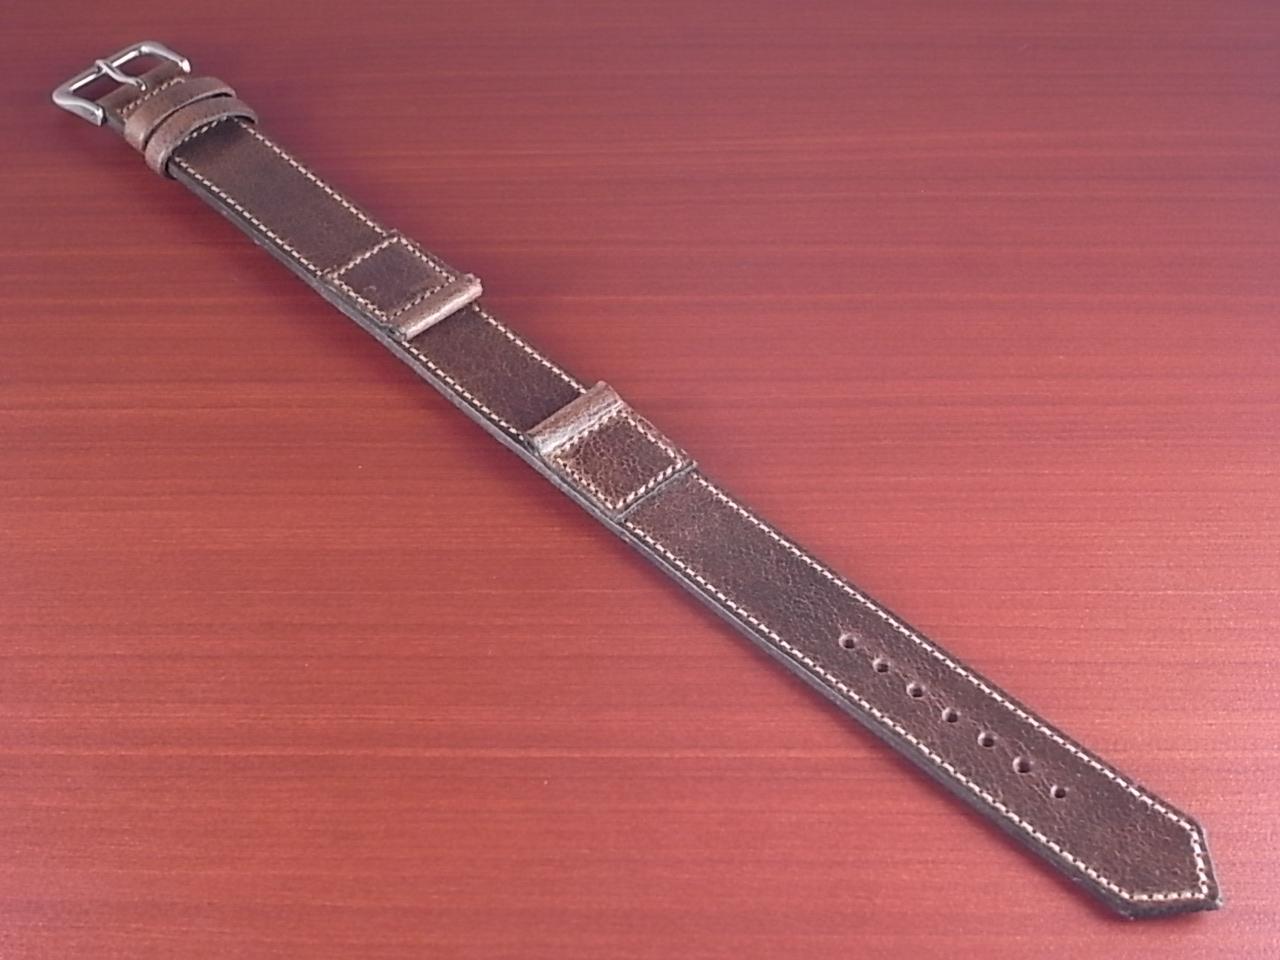 ホーウィン クロムエクセル 米軍タイプ革ベルト ナチュラル 16mmのメイン写真